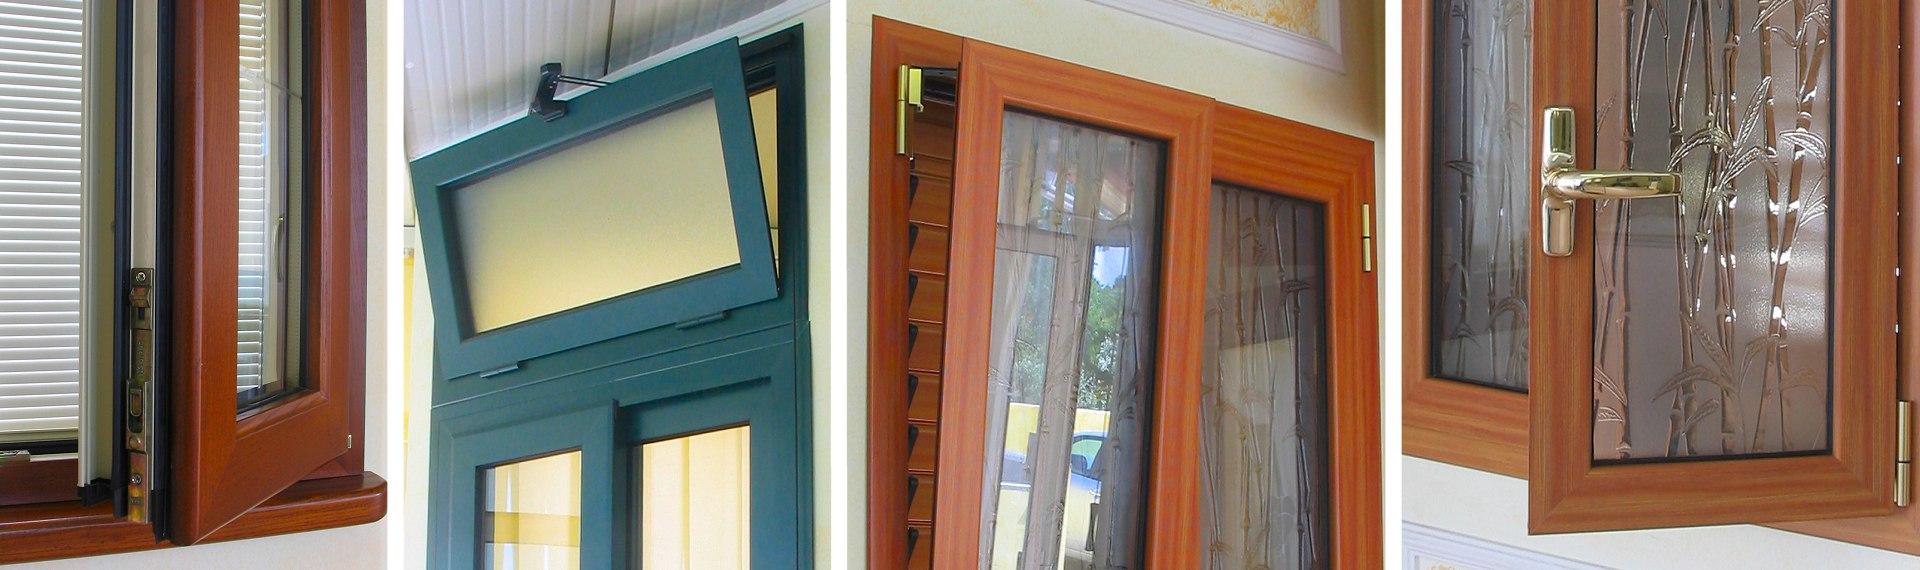 Finestre pvc legno finestre pvc alluminio e legno - Finestre pvc prezzi bassi ...